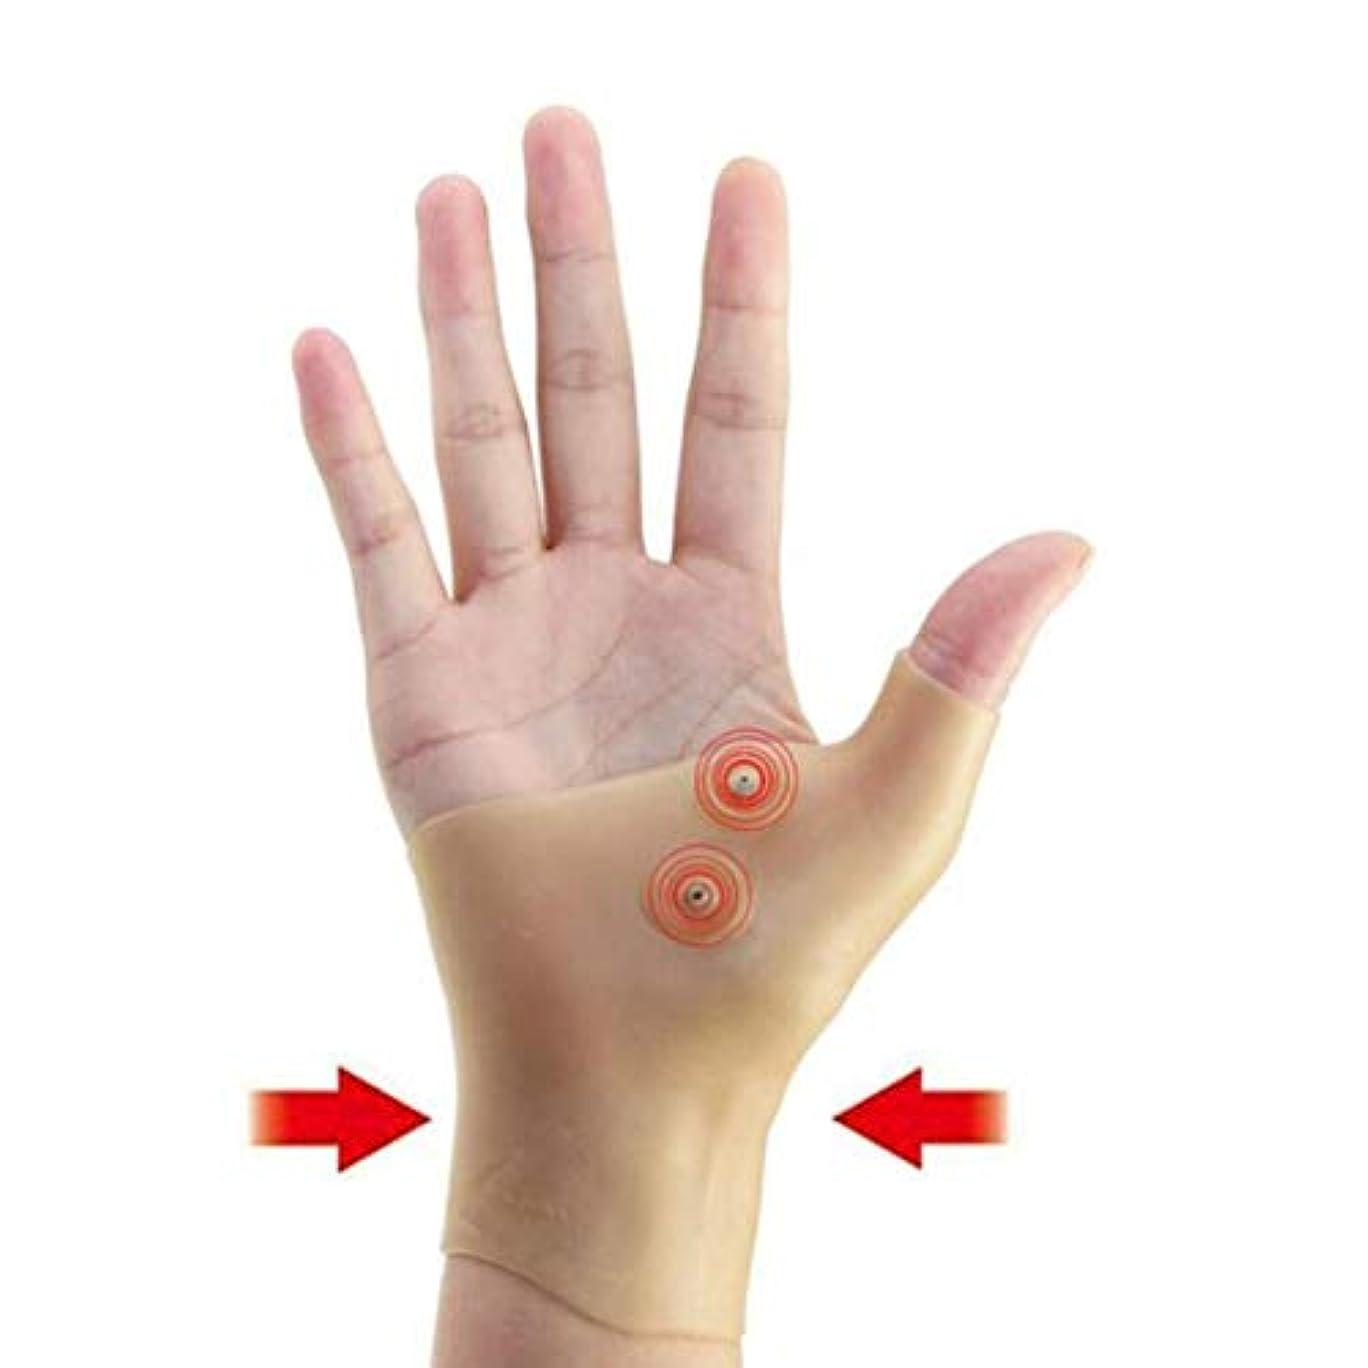 ブランド名覗くスペース磁気療法手首手親指サポート手袋シリコーンゲル関節炎圧力矯正器マッサージ痛み緩和手袋 - 肌の色